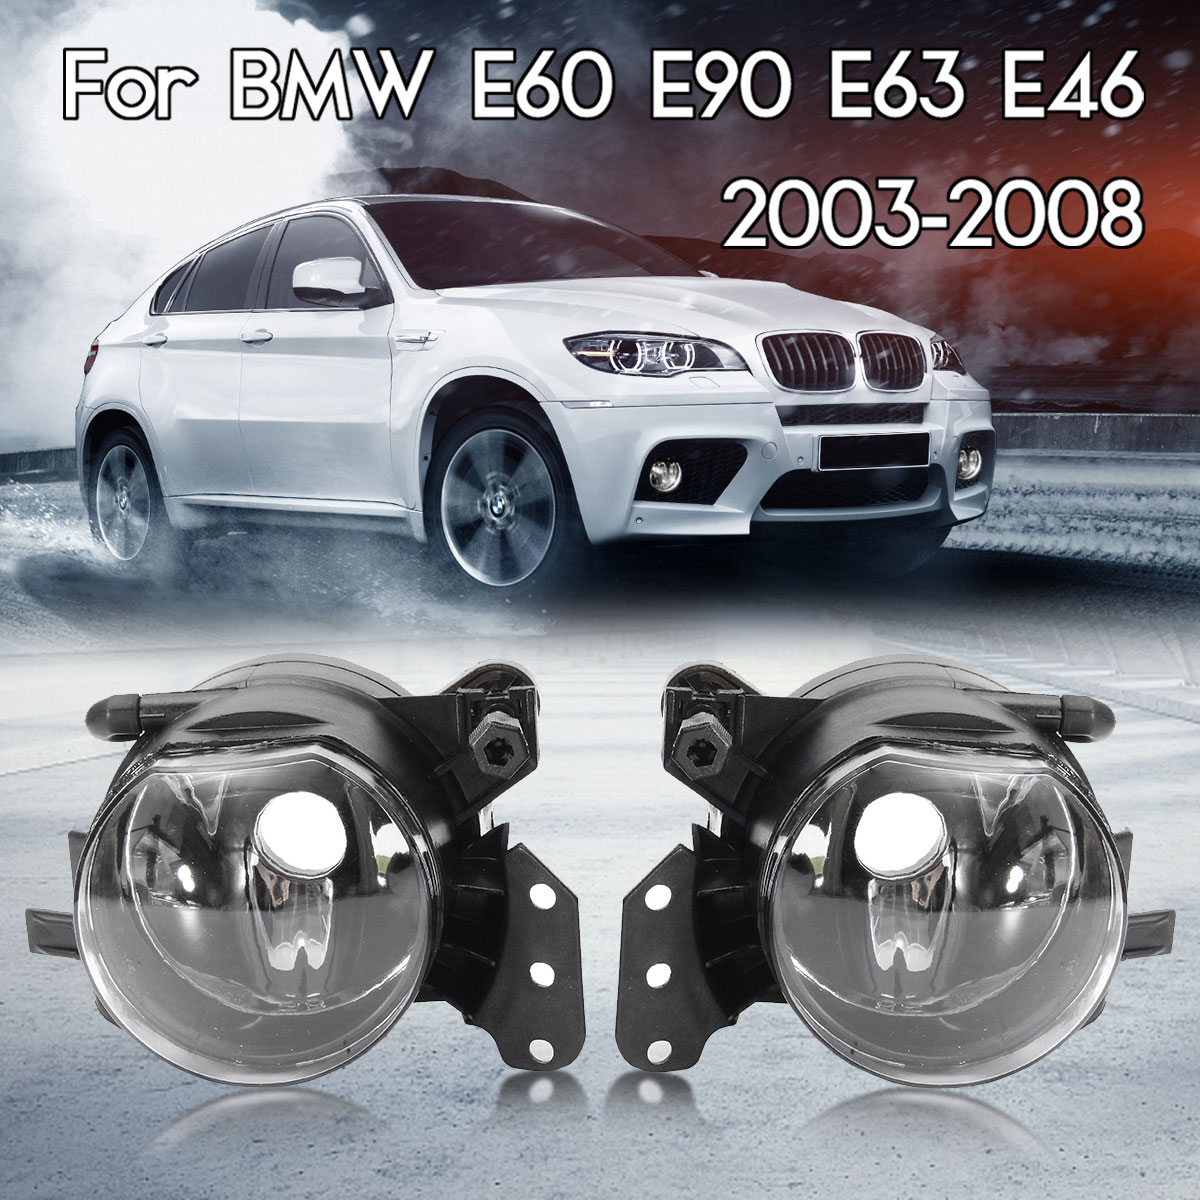 Par coche faros antiniebla lámparas vivienda lente transparente para BMW E60 E90 E63 E46 323i 325i 525i con RU stock